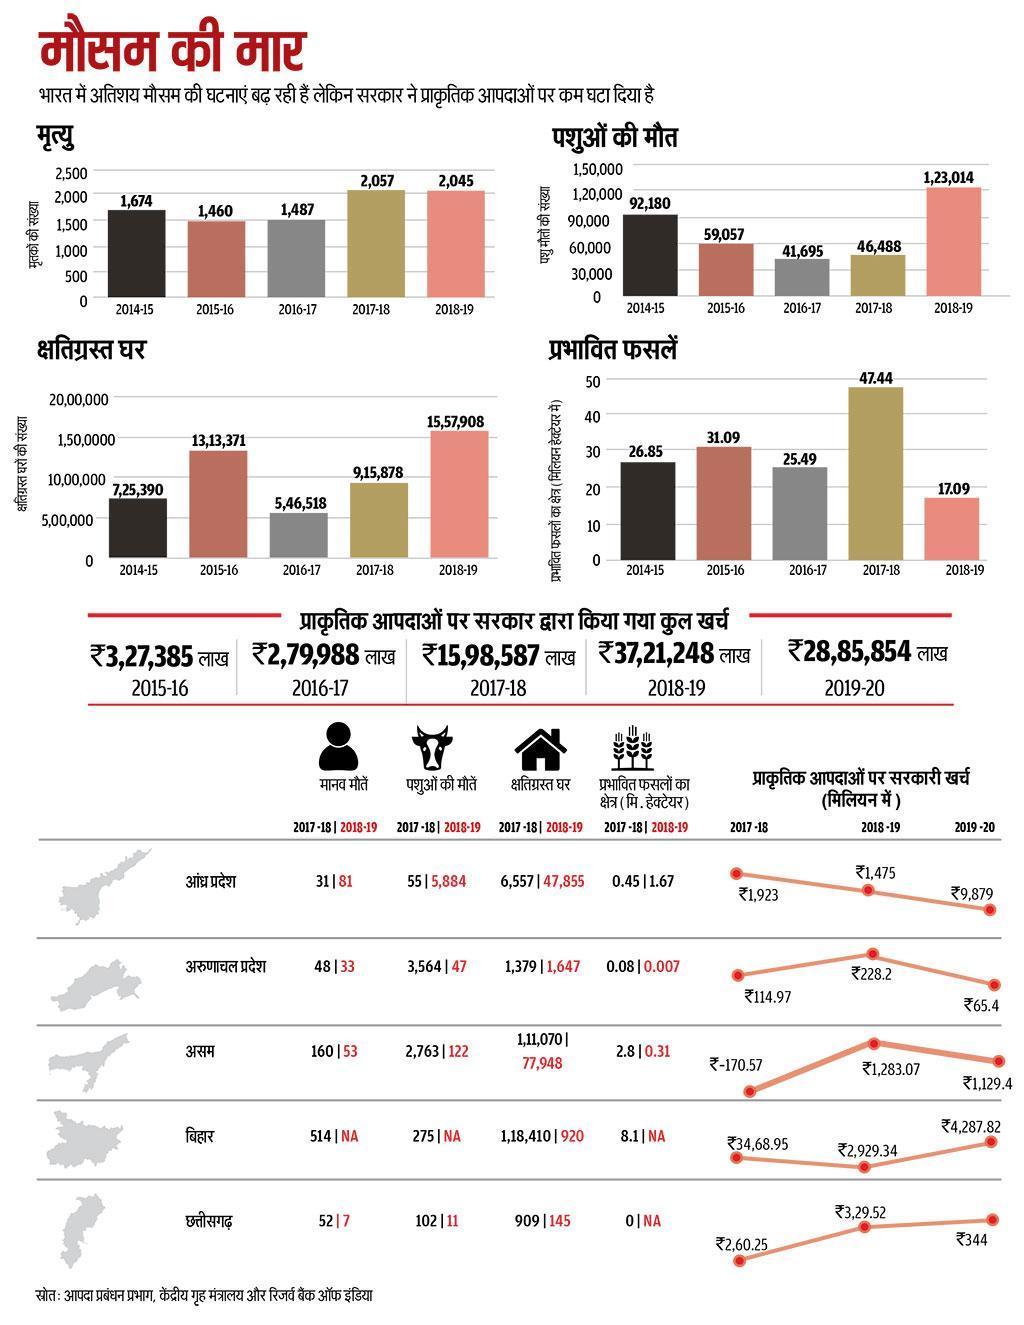 स्त्रोत: स्टेट ऑफ इंडियाज एनवायरनमेंट 2020 इन फिगर्स